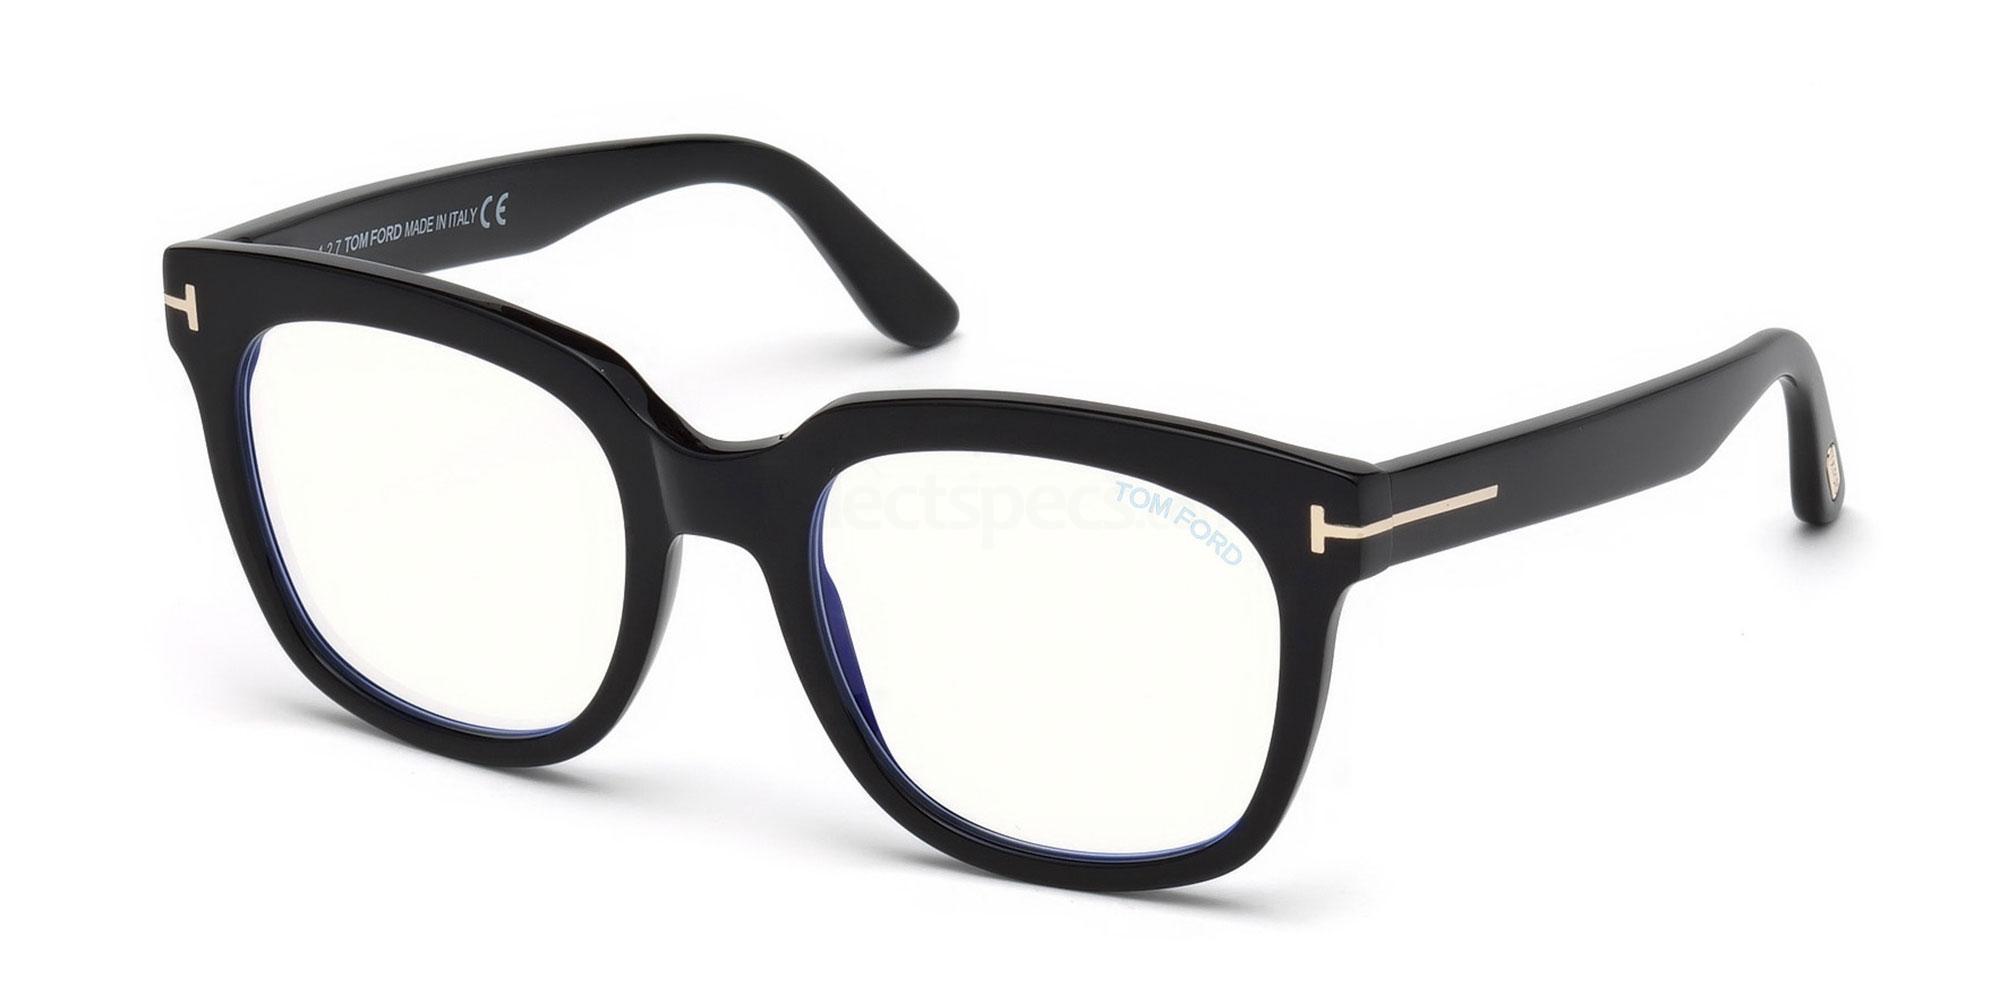 001 FT5537-B Glasses, Tom Ford